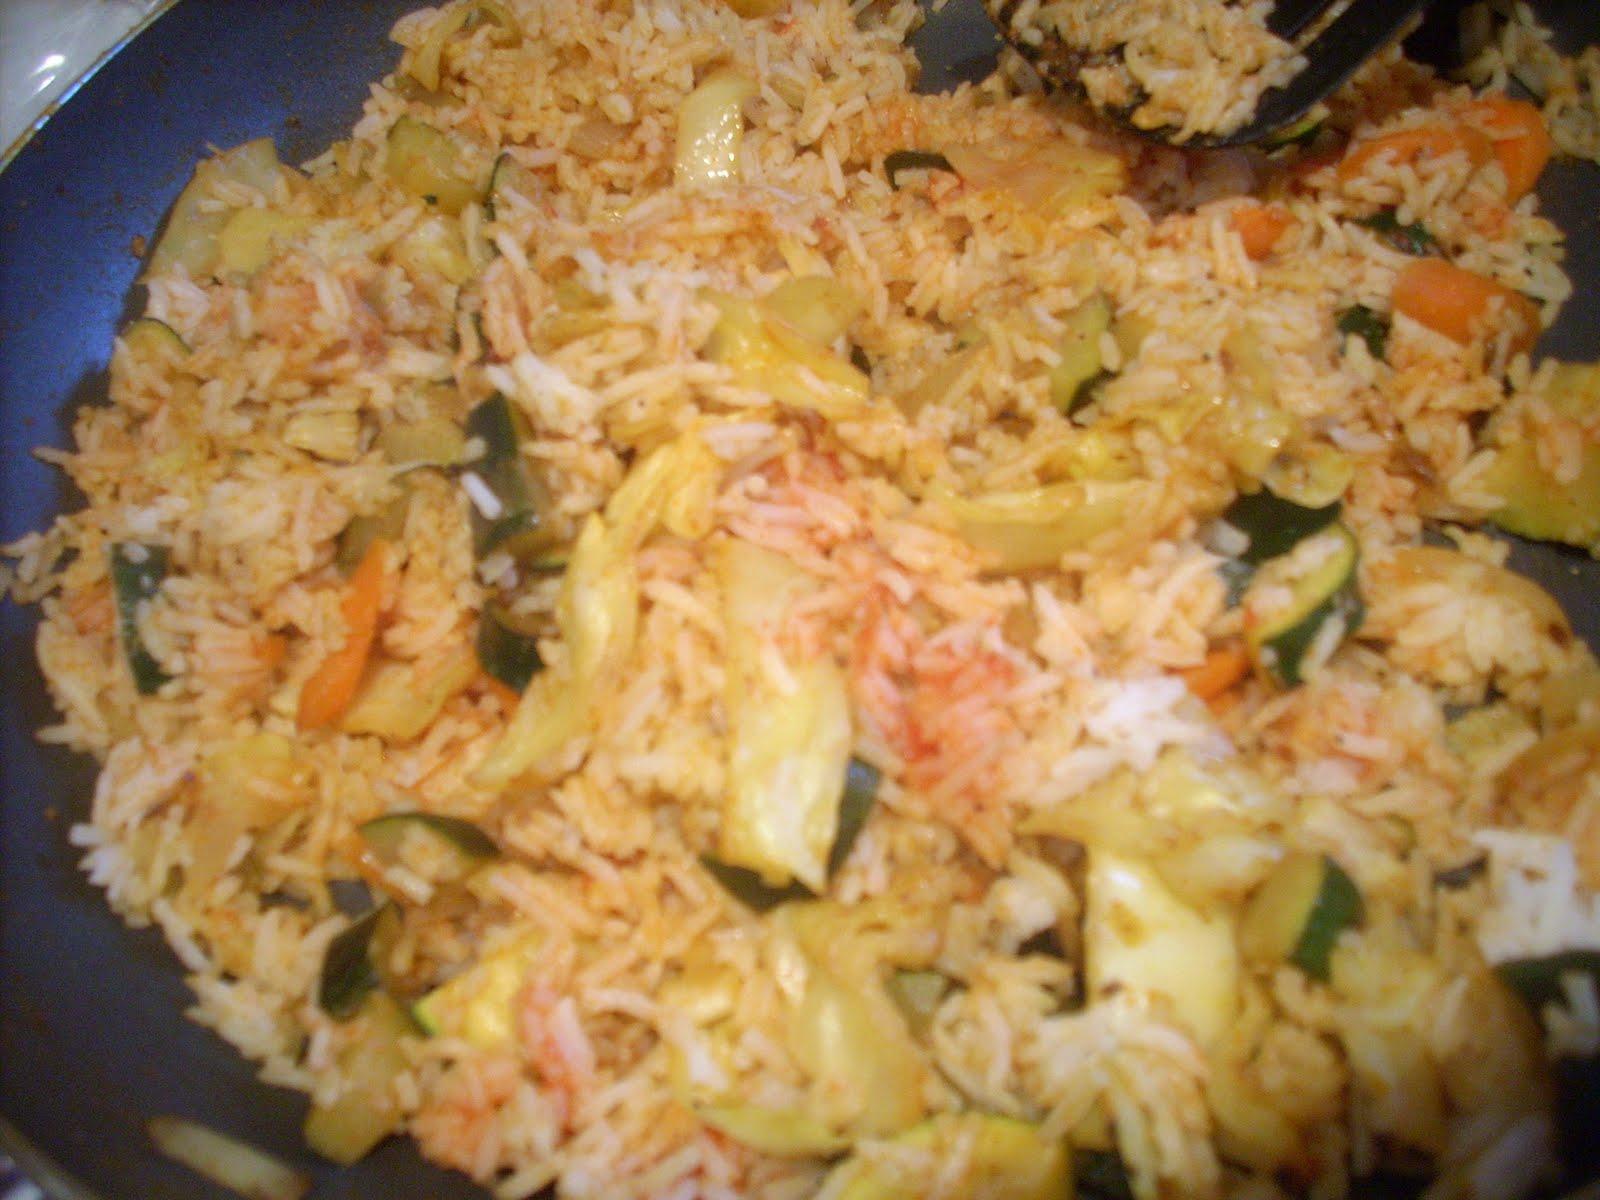 Plats indiens - Absorber l humidite avec du riz ...